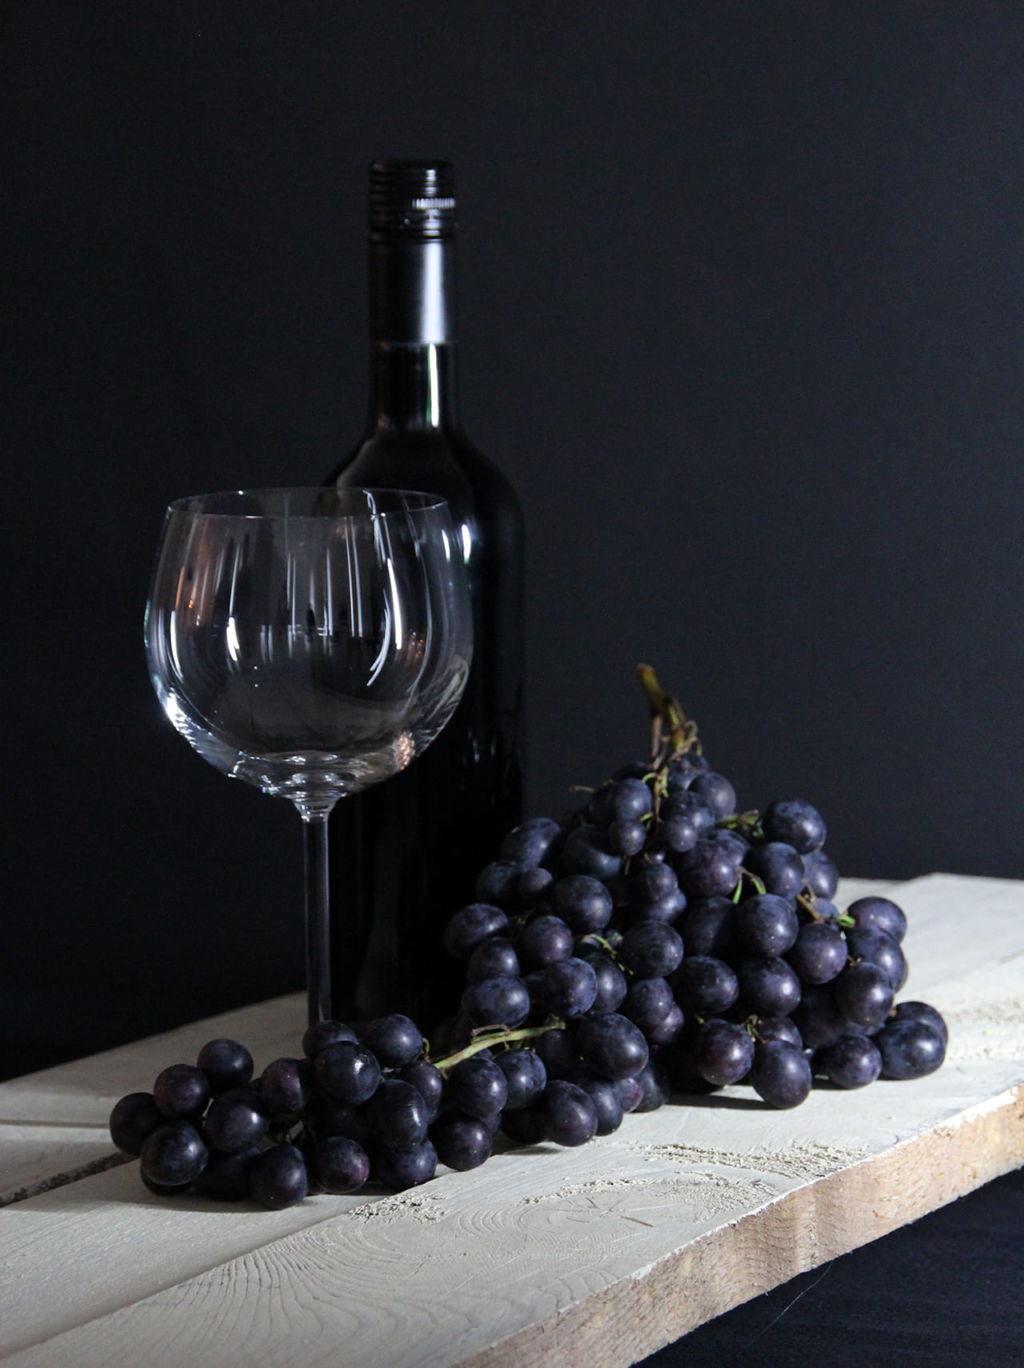 Copa, botella de vino y uvas